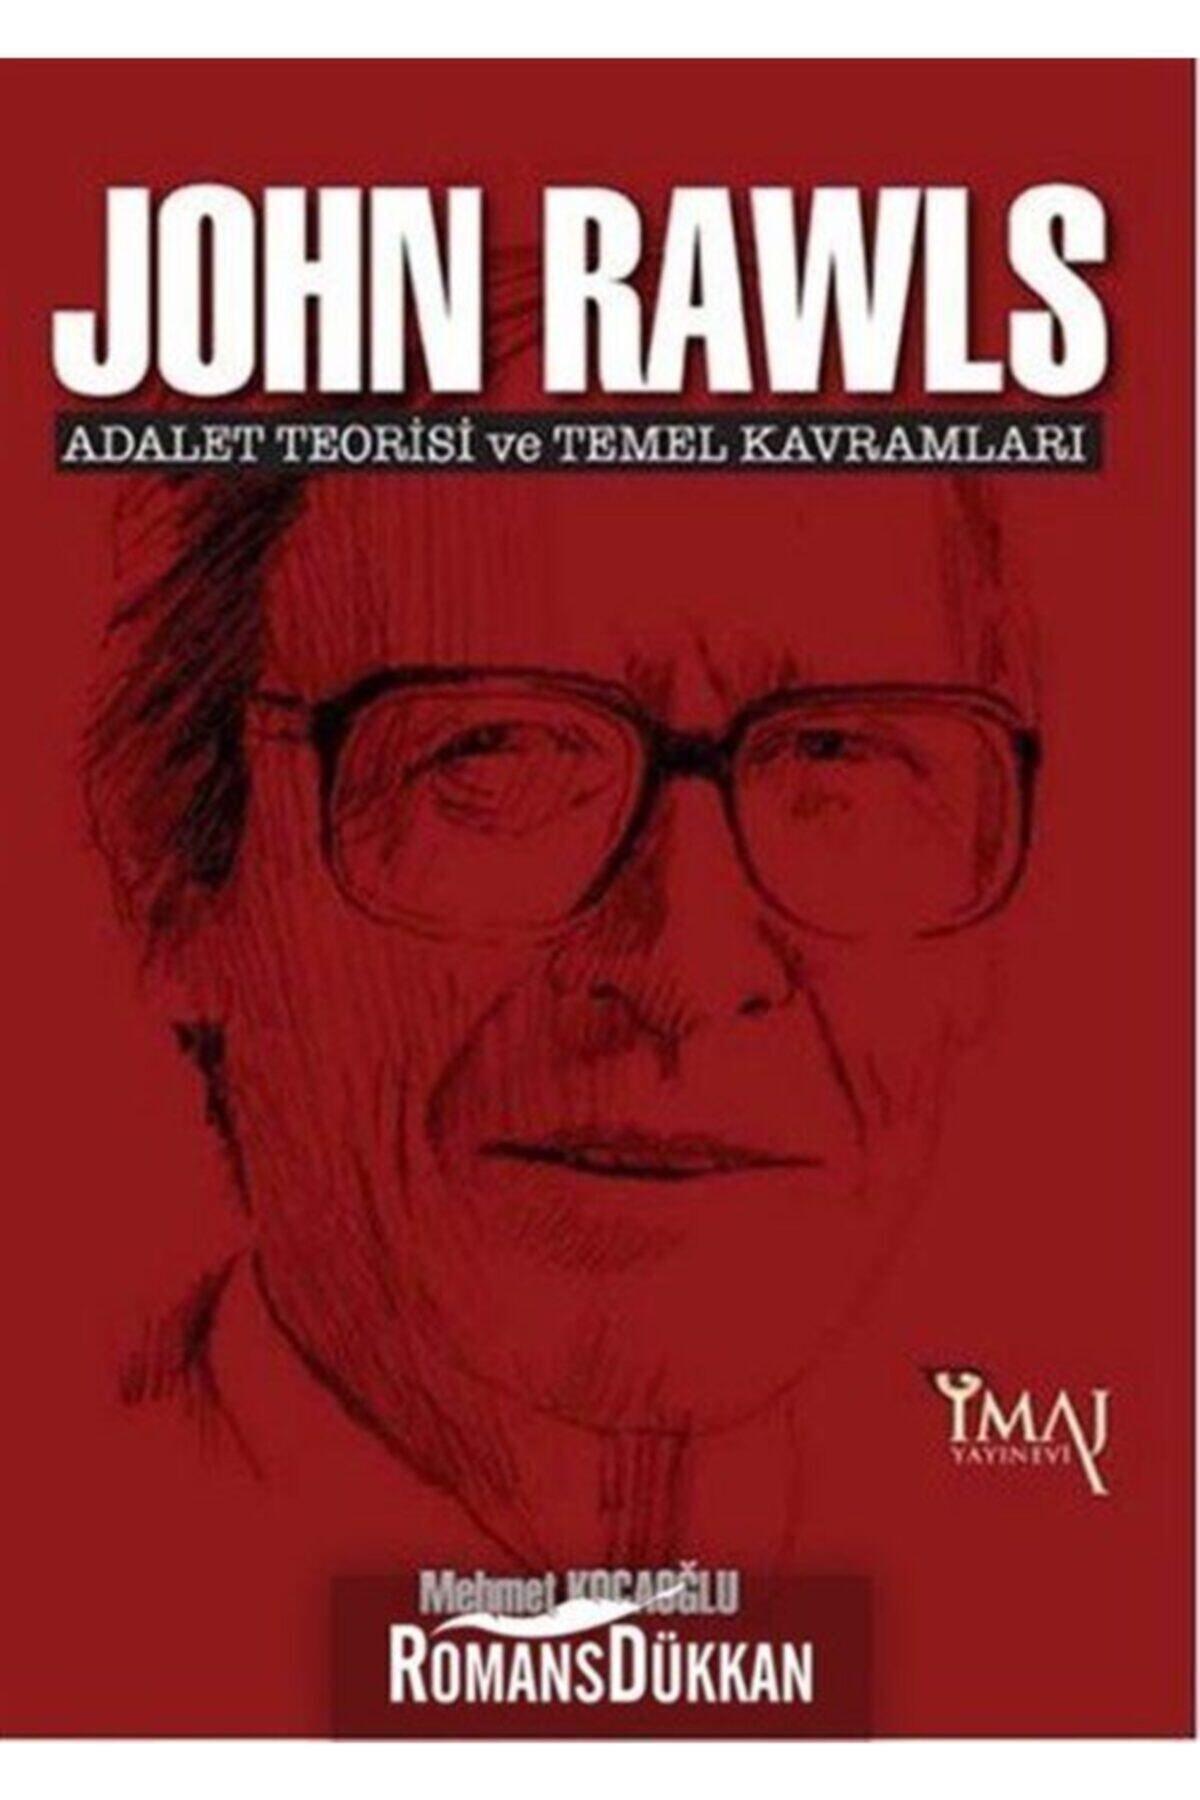 İmaj Yayıncılık John Rawls: Adalet Teorisi Ve Temel Kavramları 1